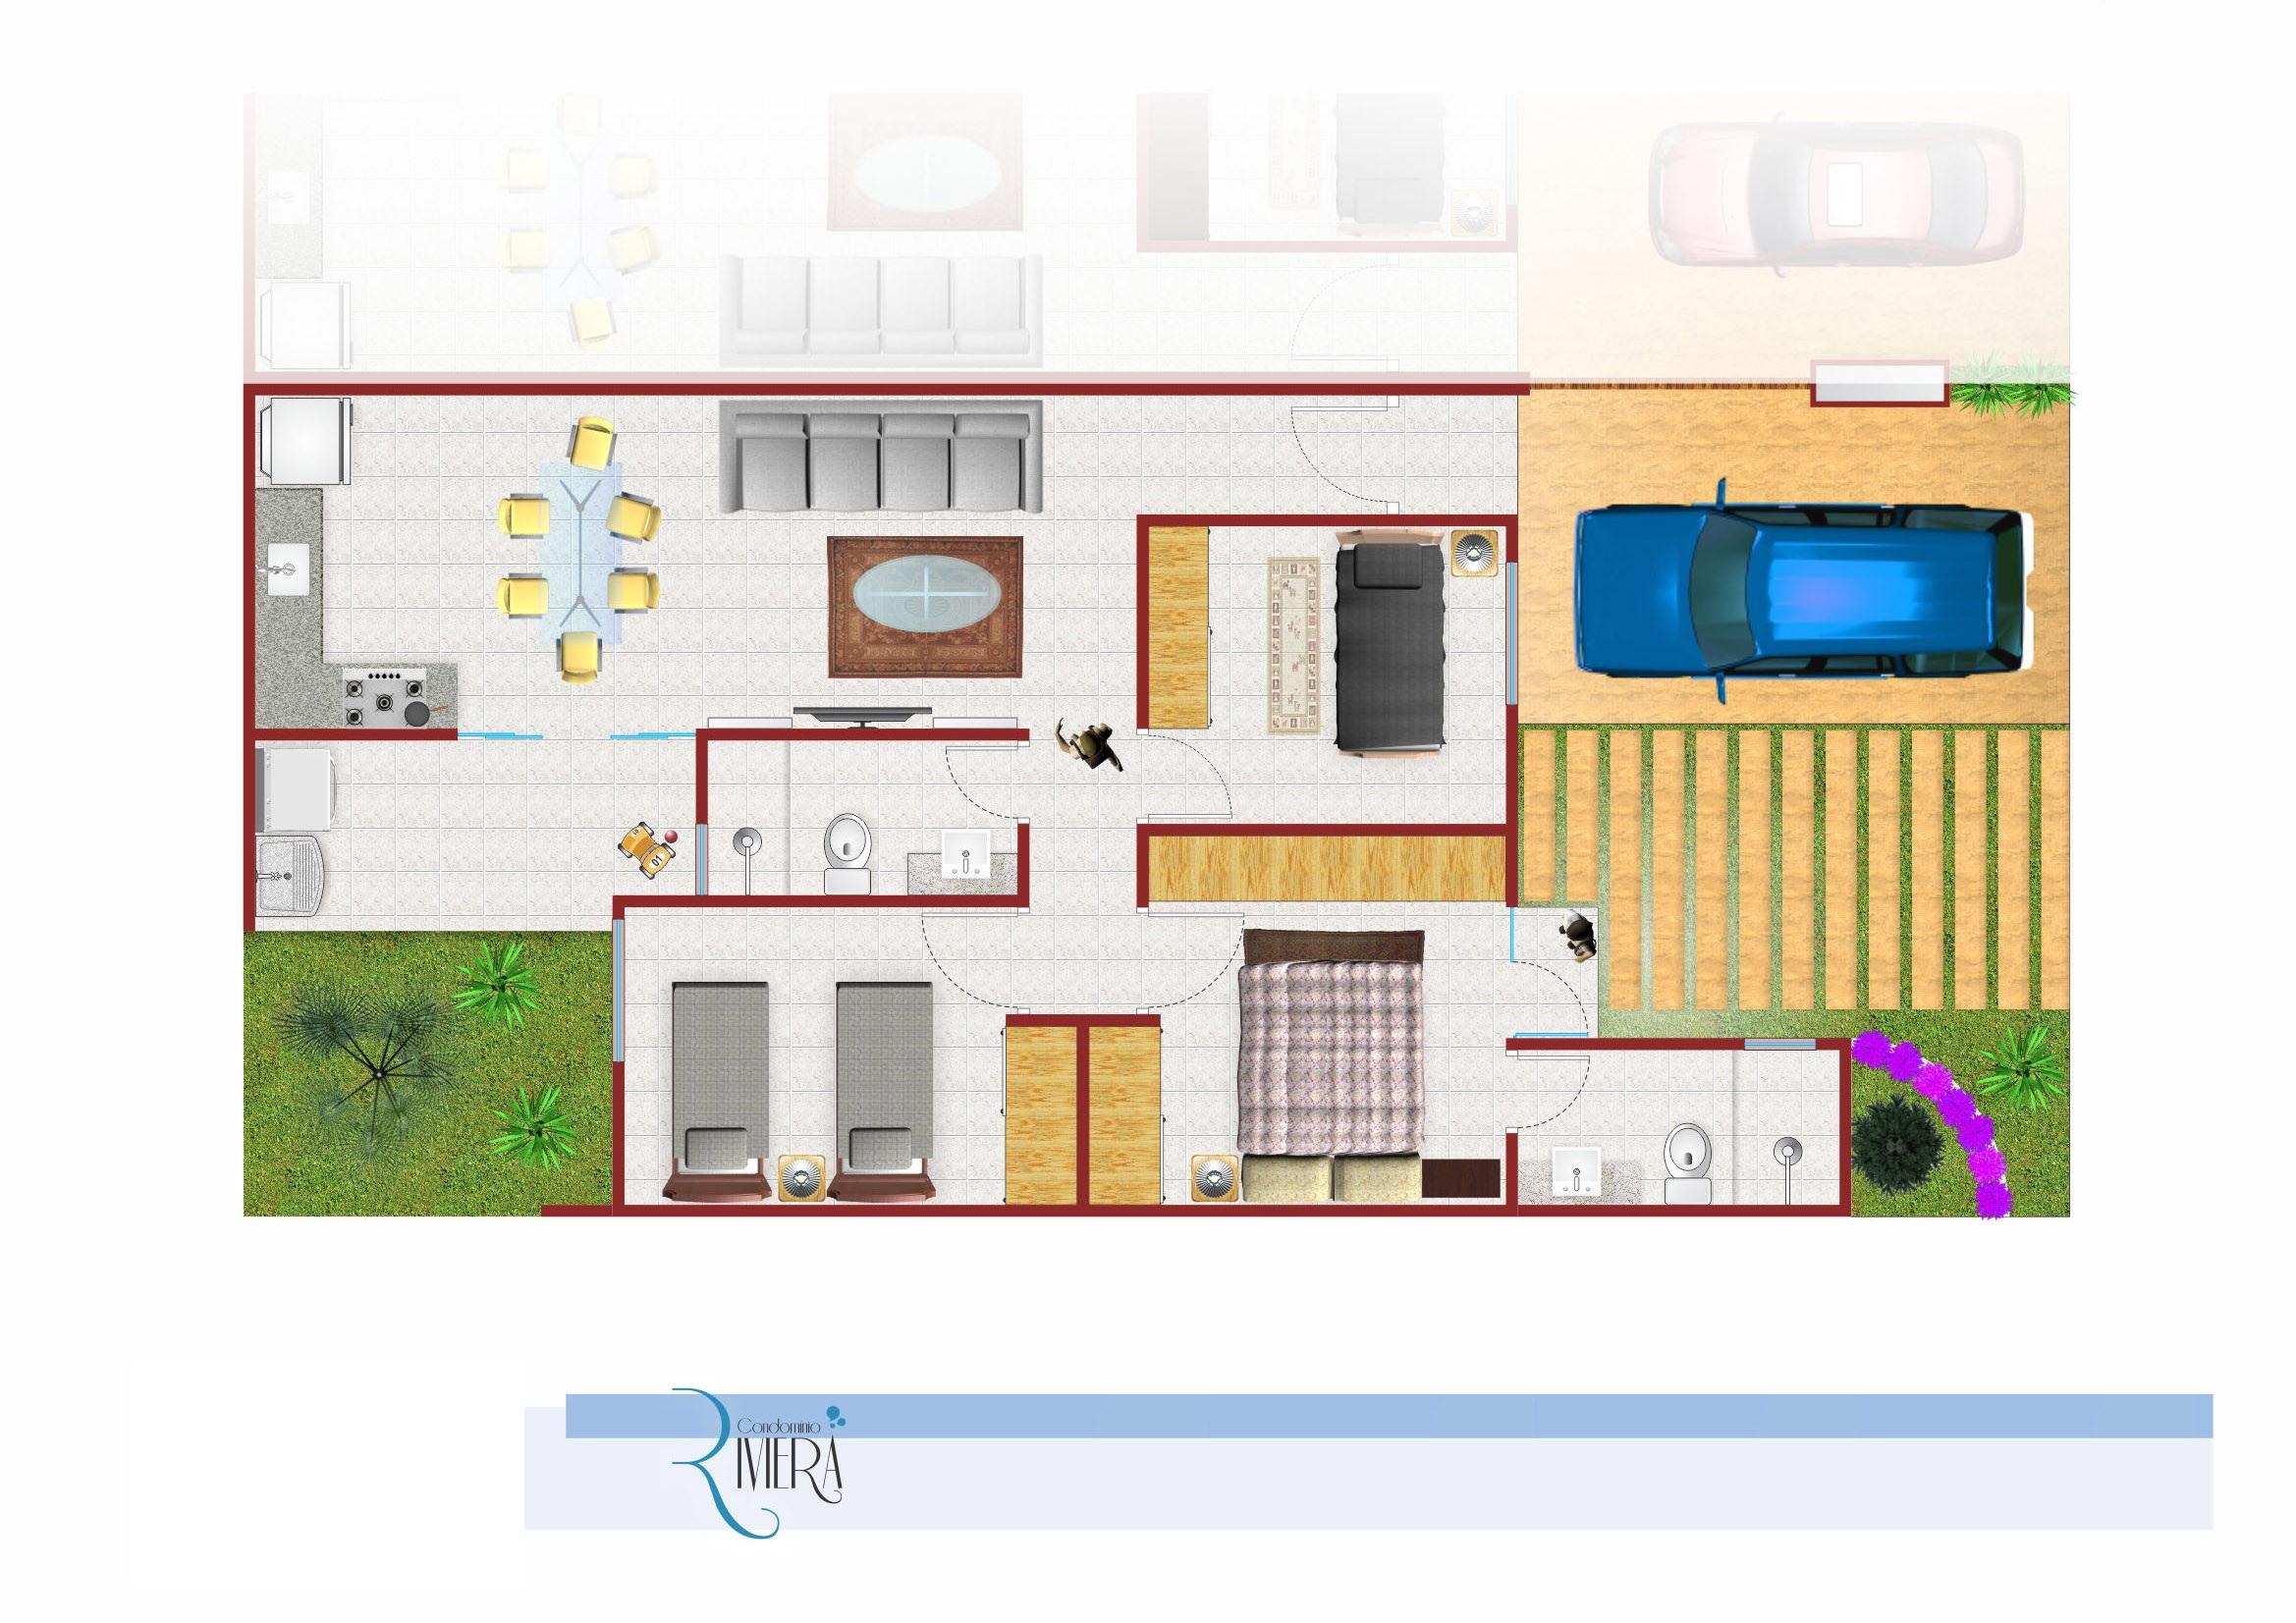 3 dormitórios sendo 1 suíte, wc, cozinha americana (sala, copa e cozinha), lavanderia coberta, 2 vagas de garagem.